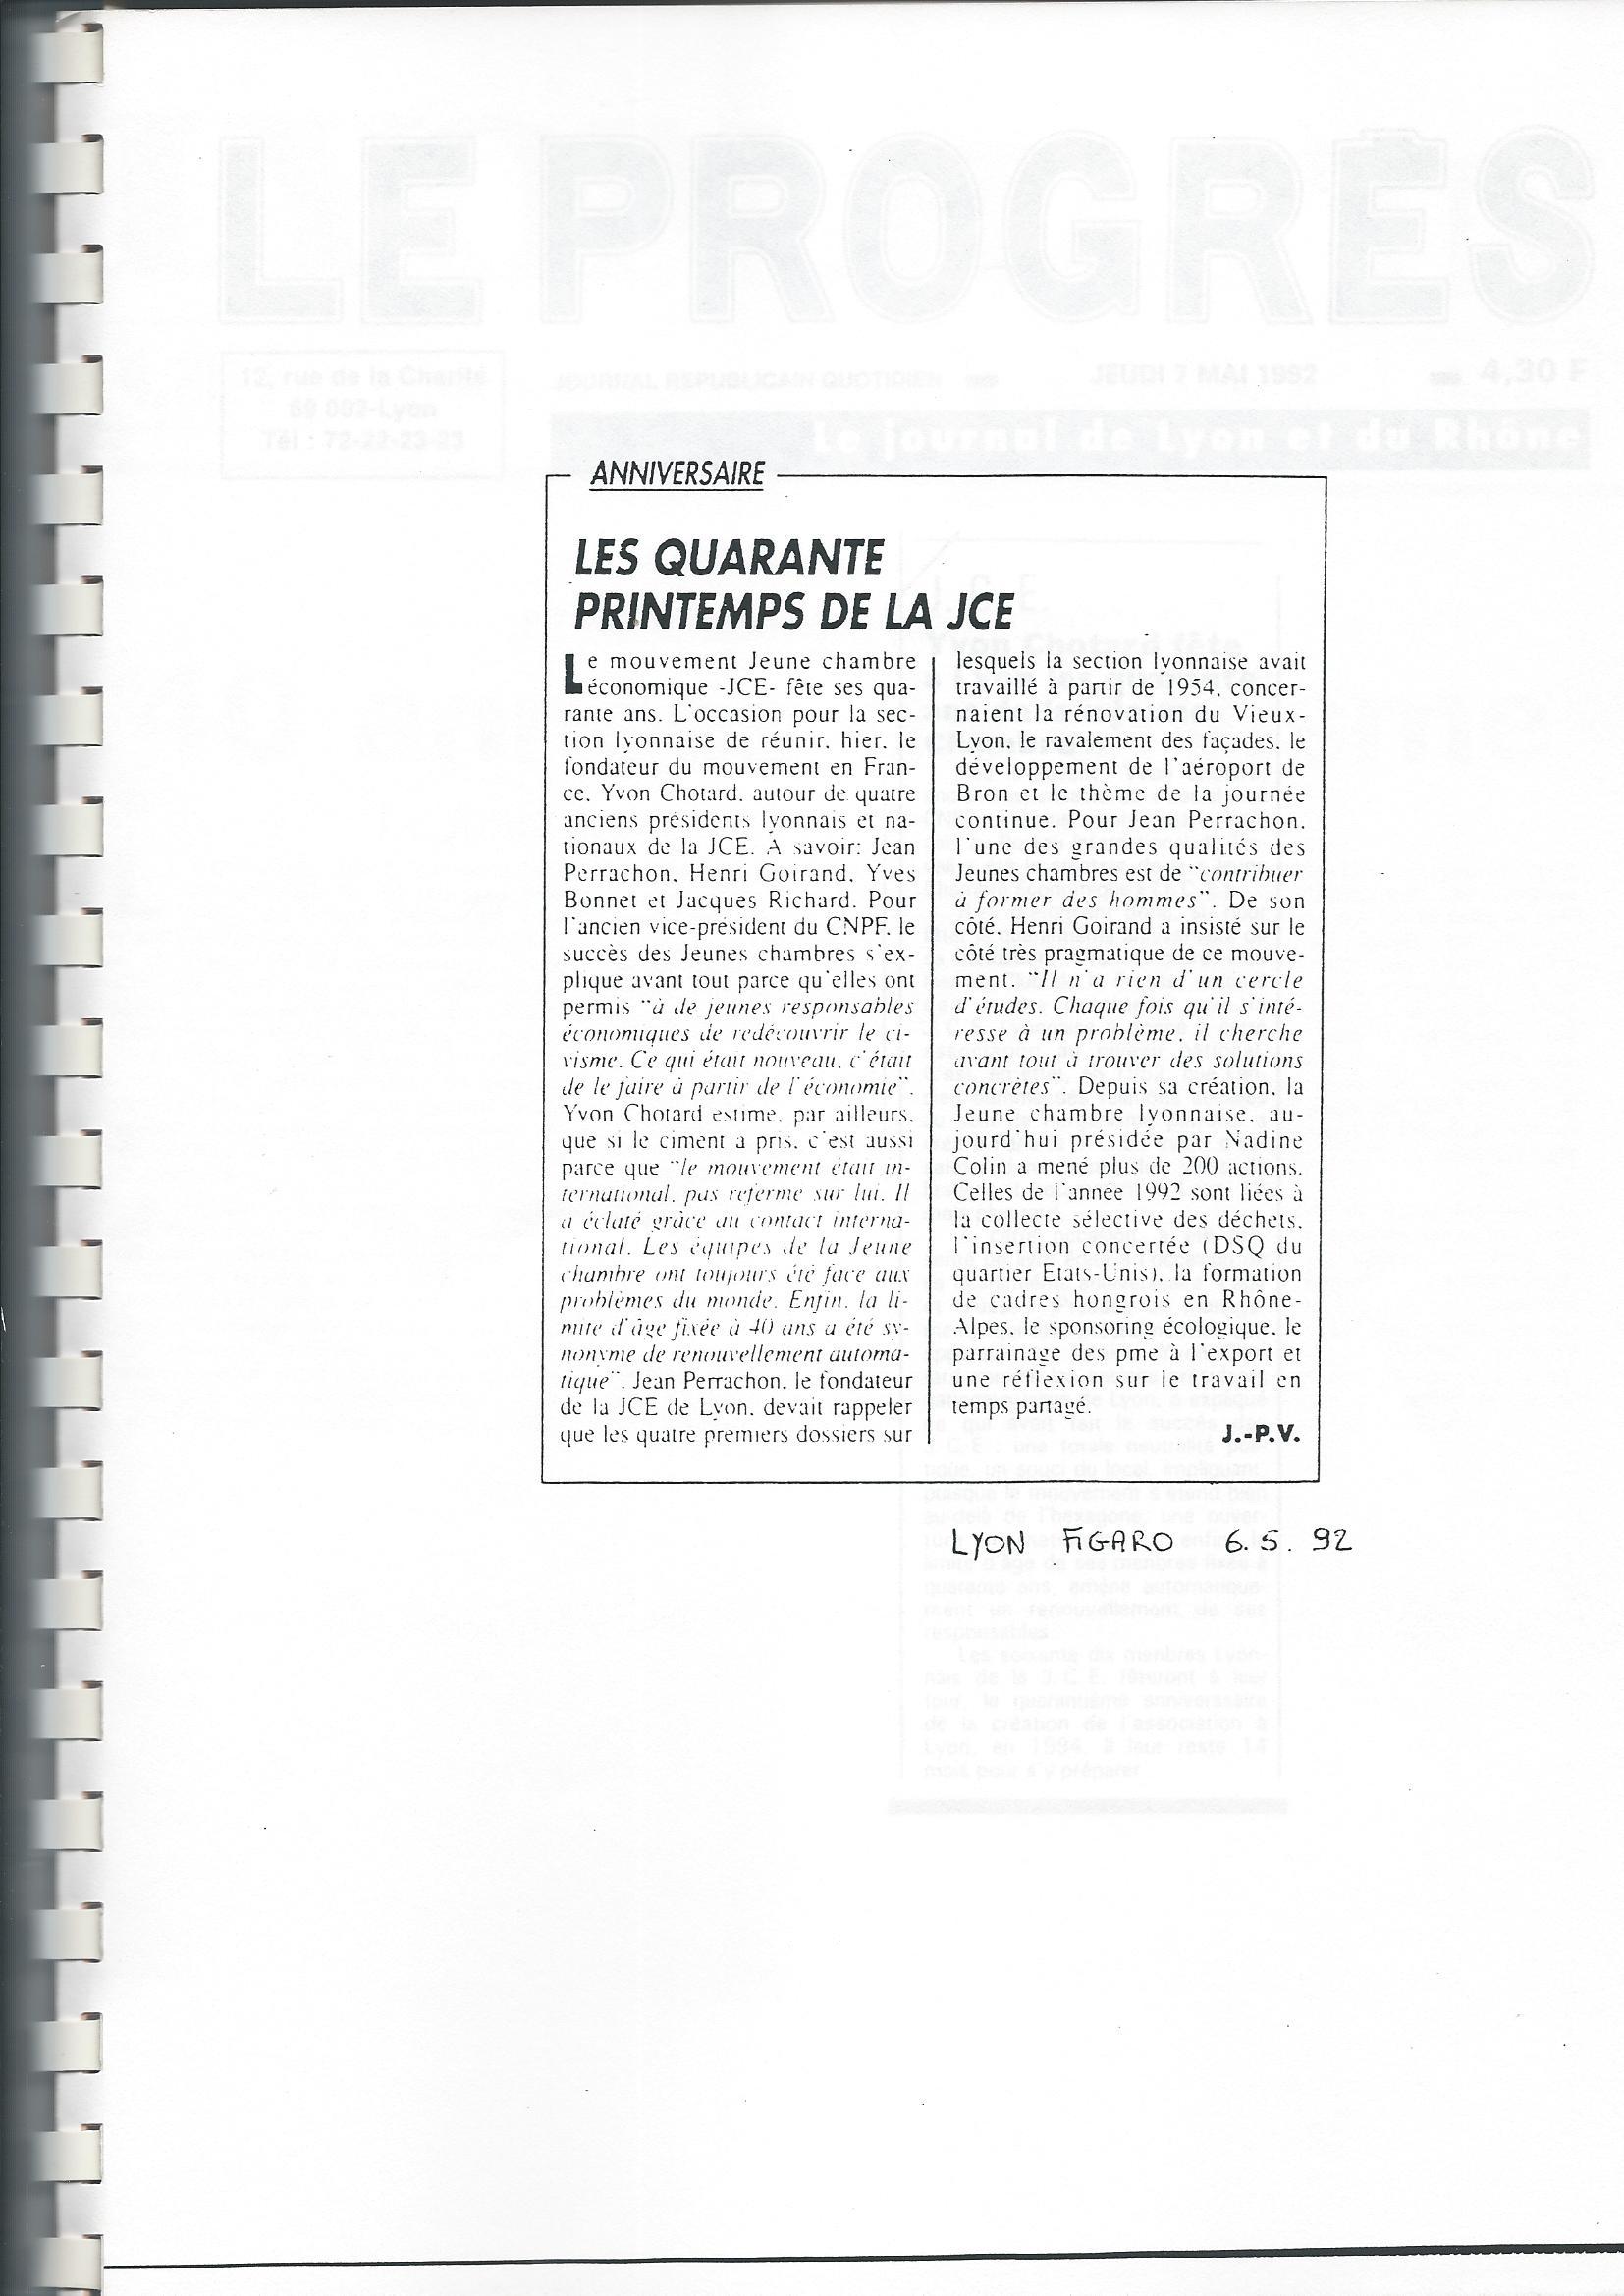 Les 40 ans de la Jeune Chambre Economique de Lyon